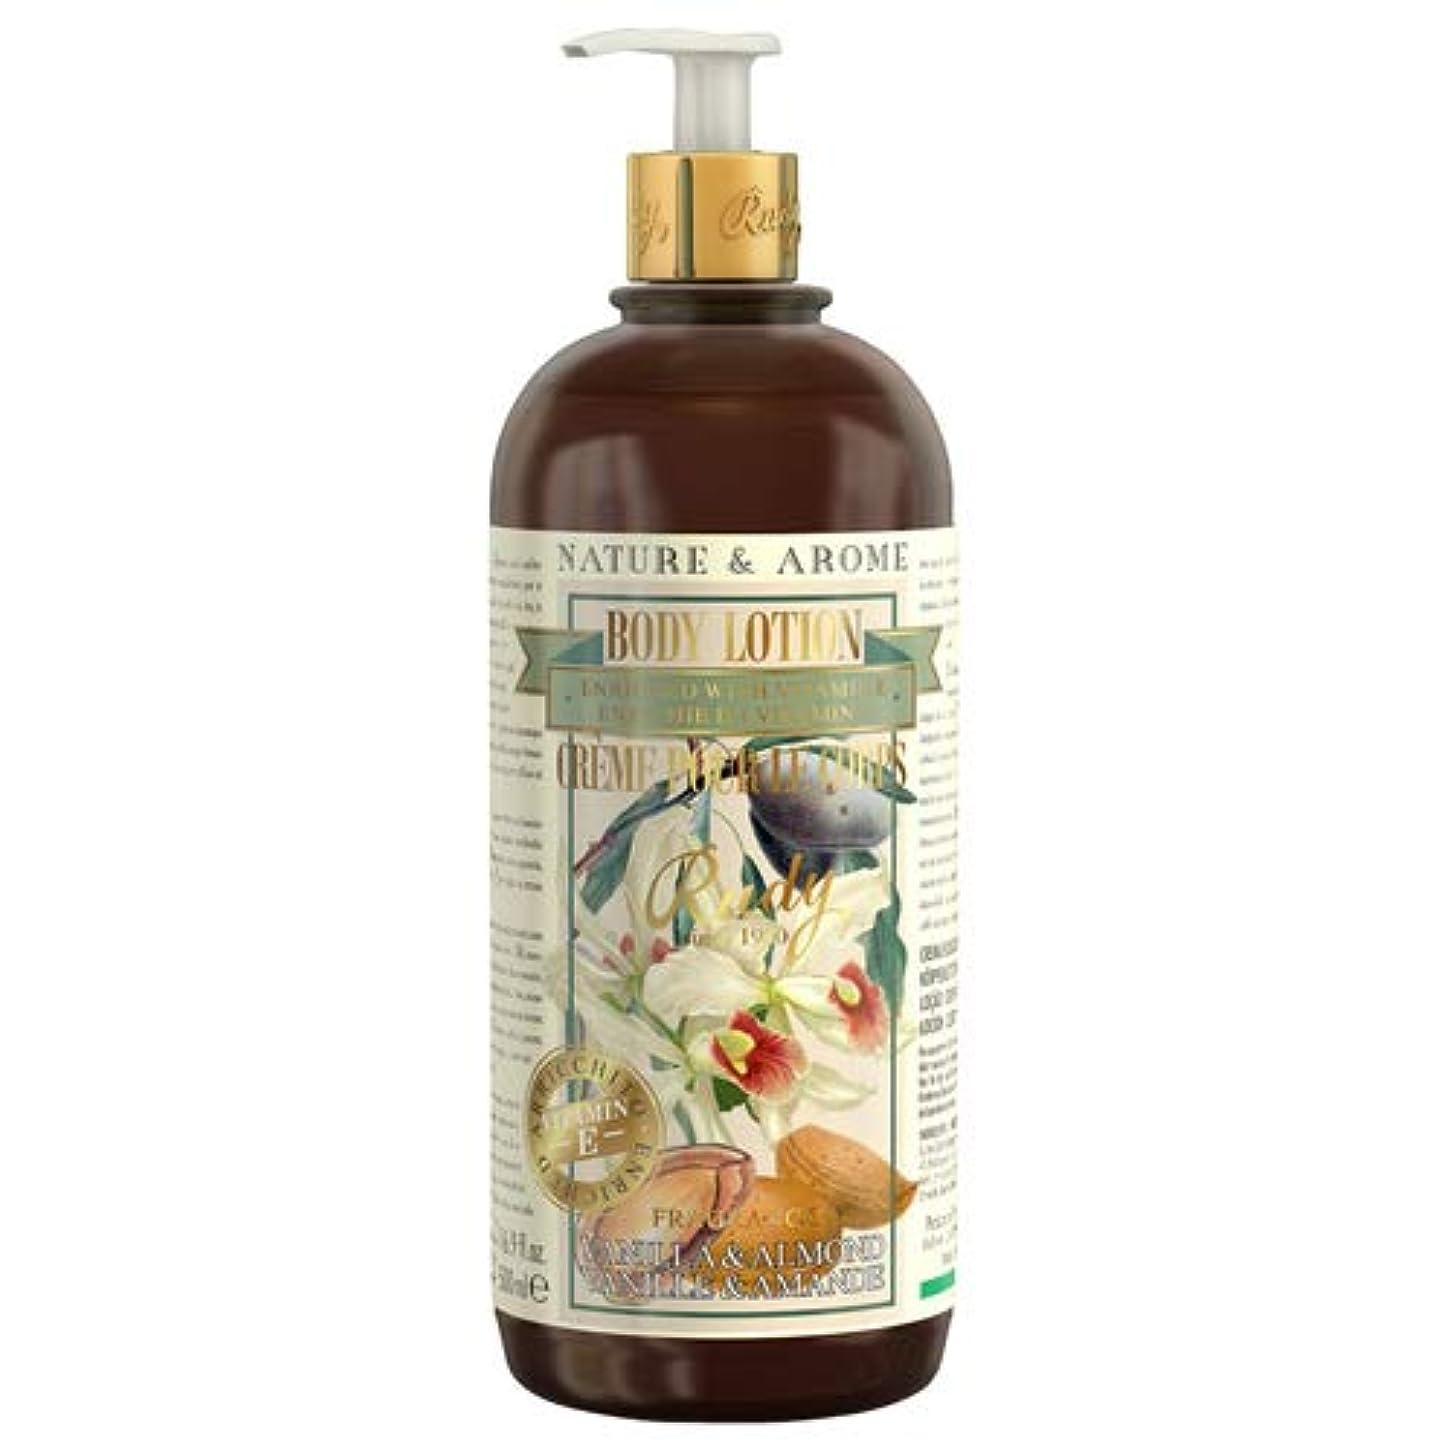 腹部つまらない空洞RUDY Nature&Arome Apothecary ネイチャーアロマ アポセカリー Body Lotion ボディローション Vanilla & Almond バニラ&アーモンド